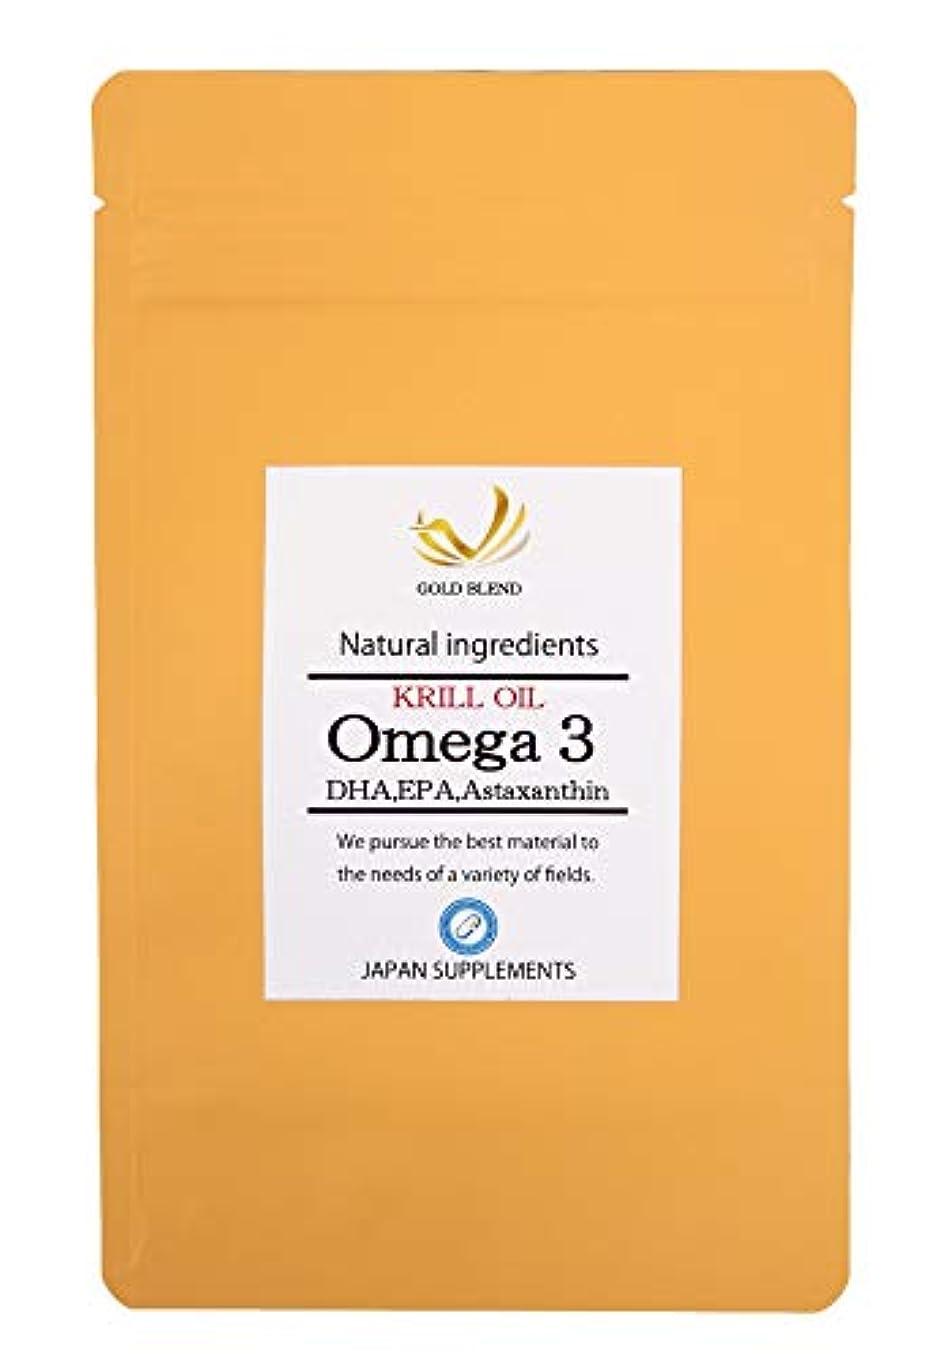 胚美容師ことわざKRILL OIL Omega3 DHA EPA アスタキサンチン含有クリルオイル 60粒